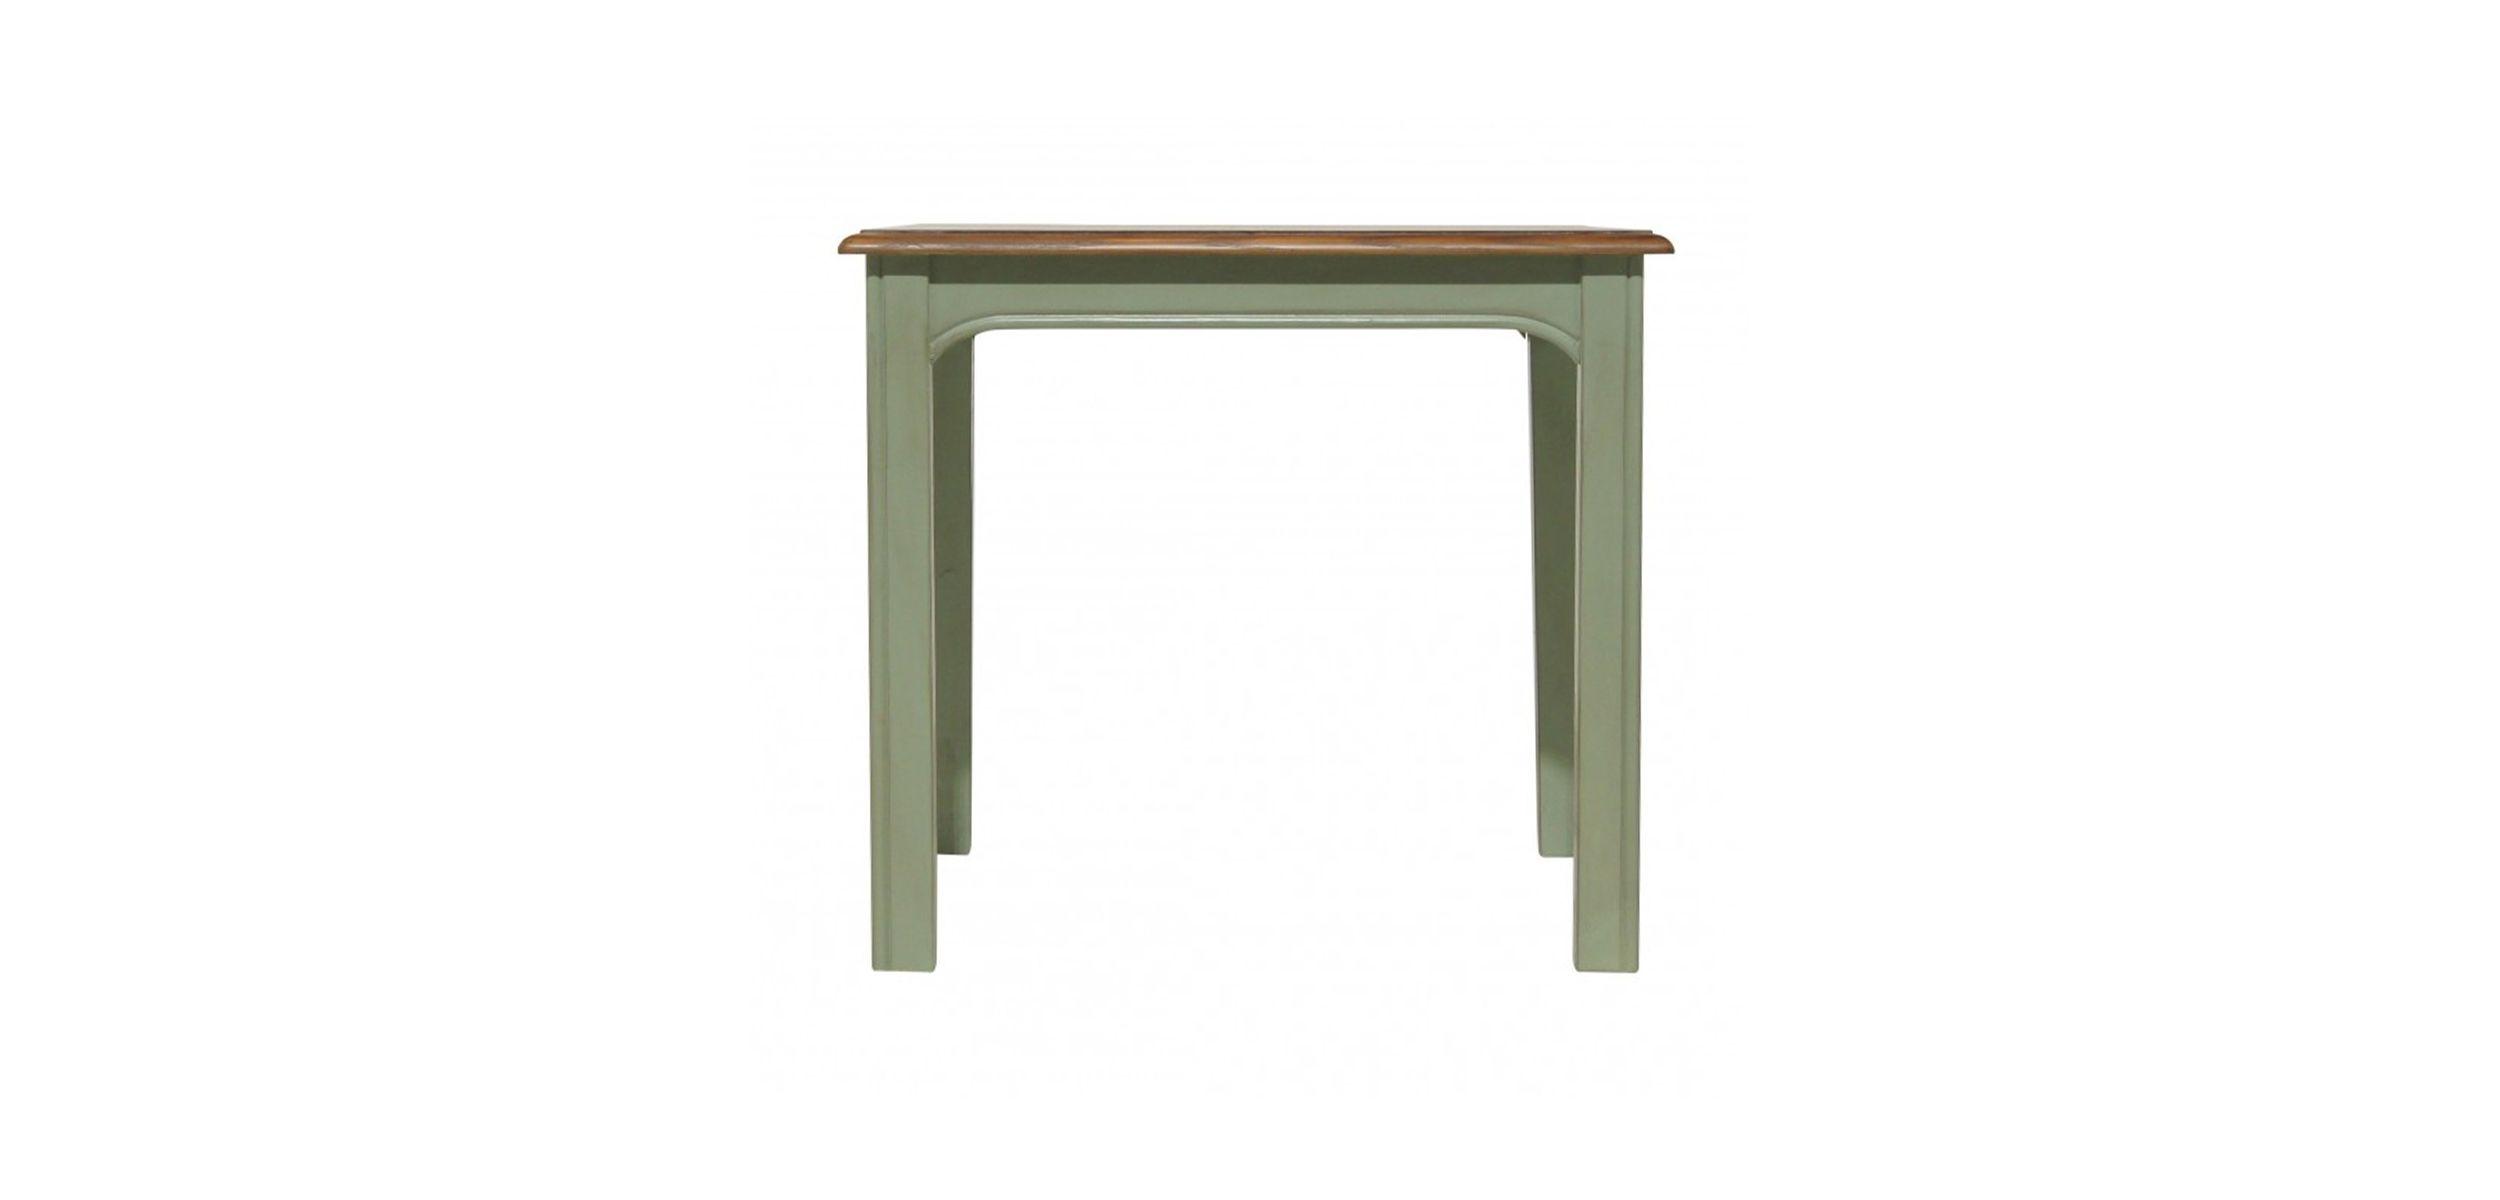 Консоль olivia (etg-home) зеленый 65x60x55 см. фото